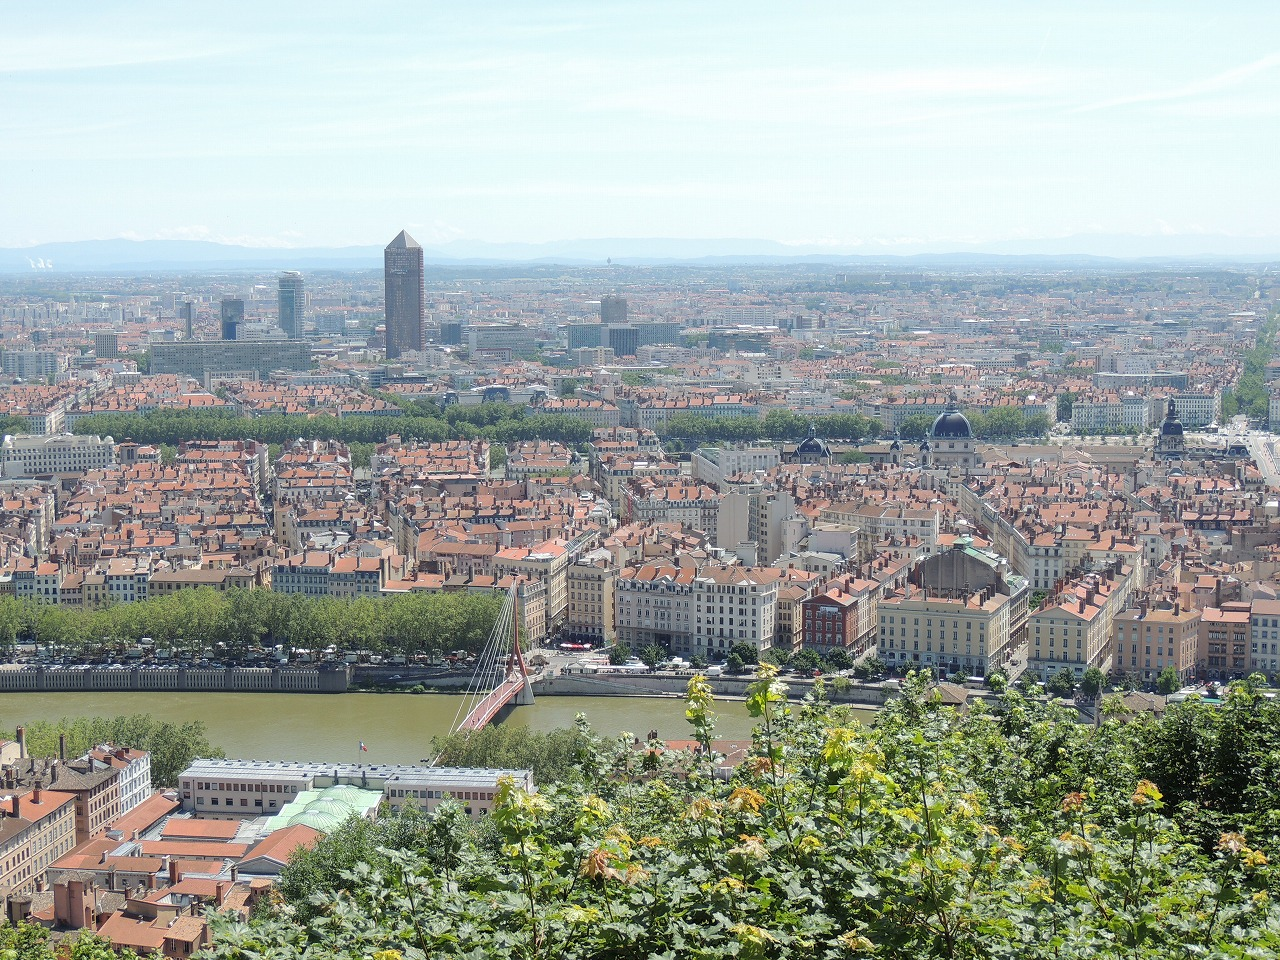 赤い屋根で統一された美しいリヨン(Lyon)の街並